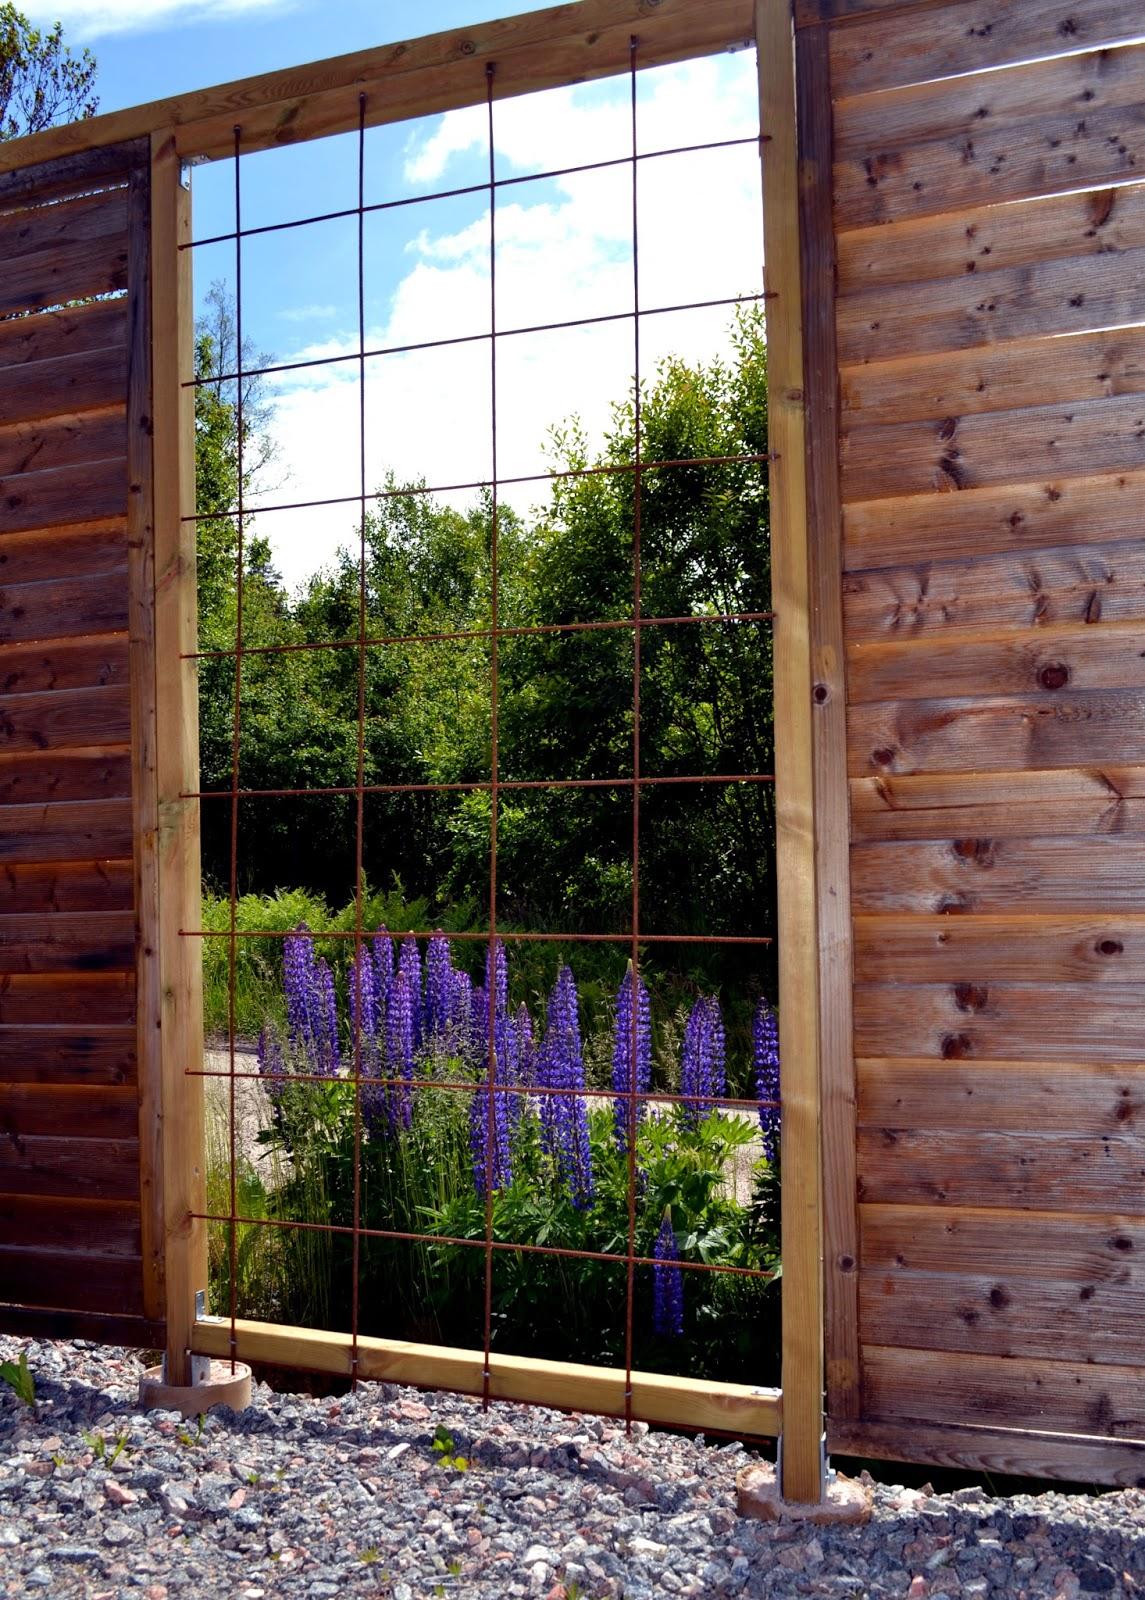 Trädgård plank trädgård : VisaLiza : Grus och blommor